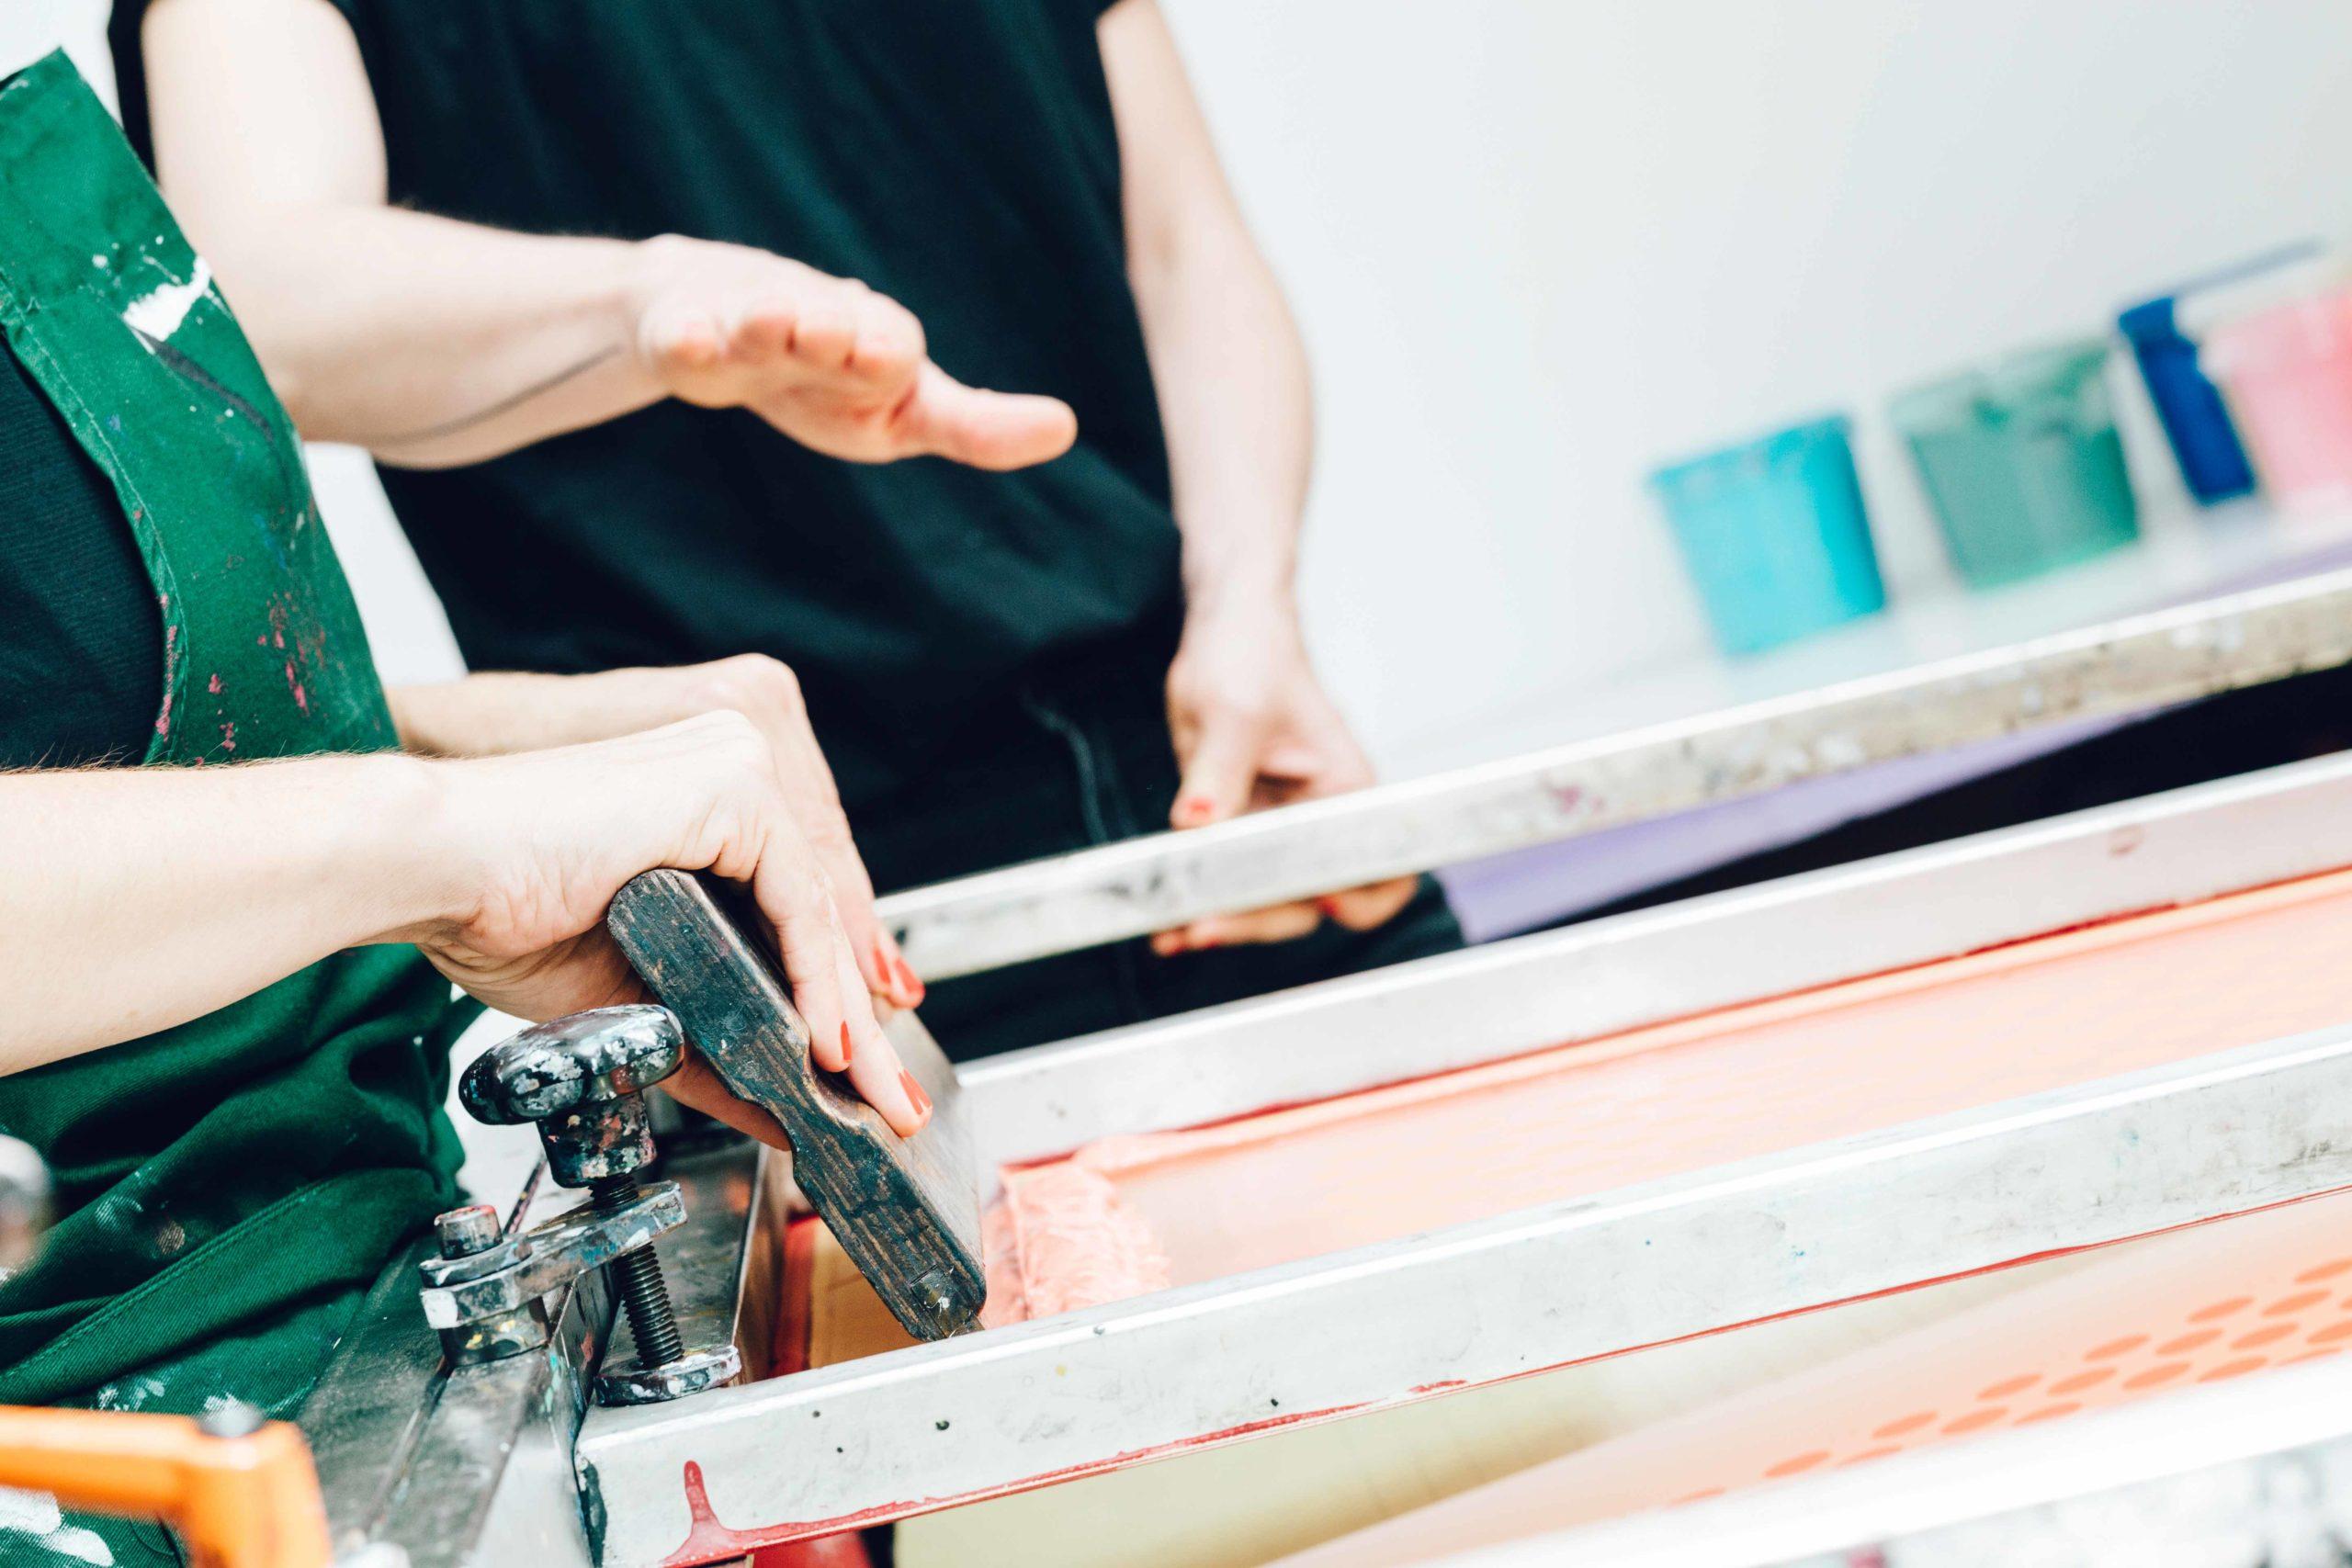 Siebdruckworkshop für Anfänger*Innen